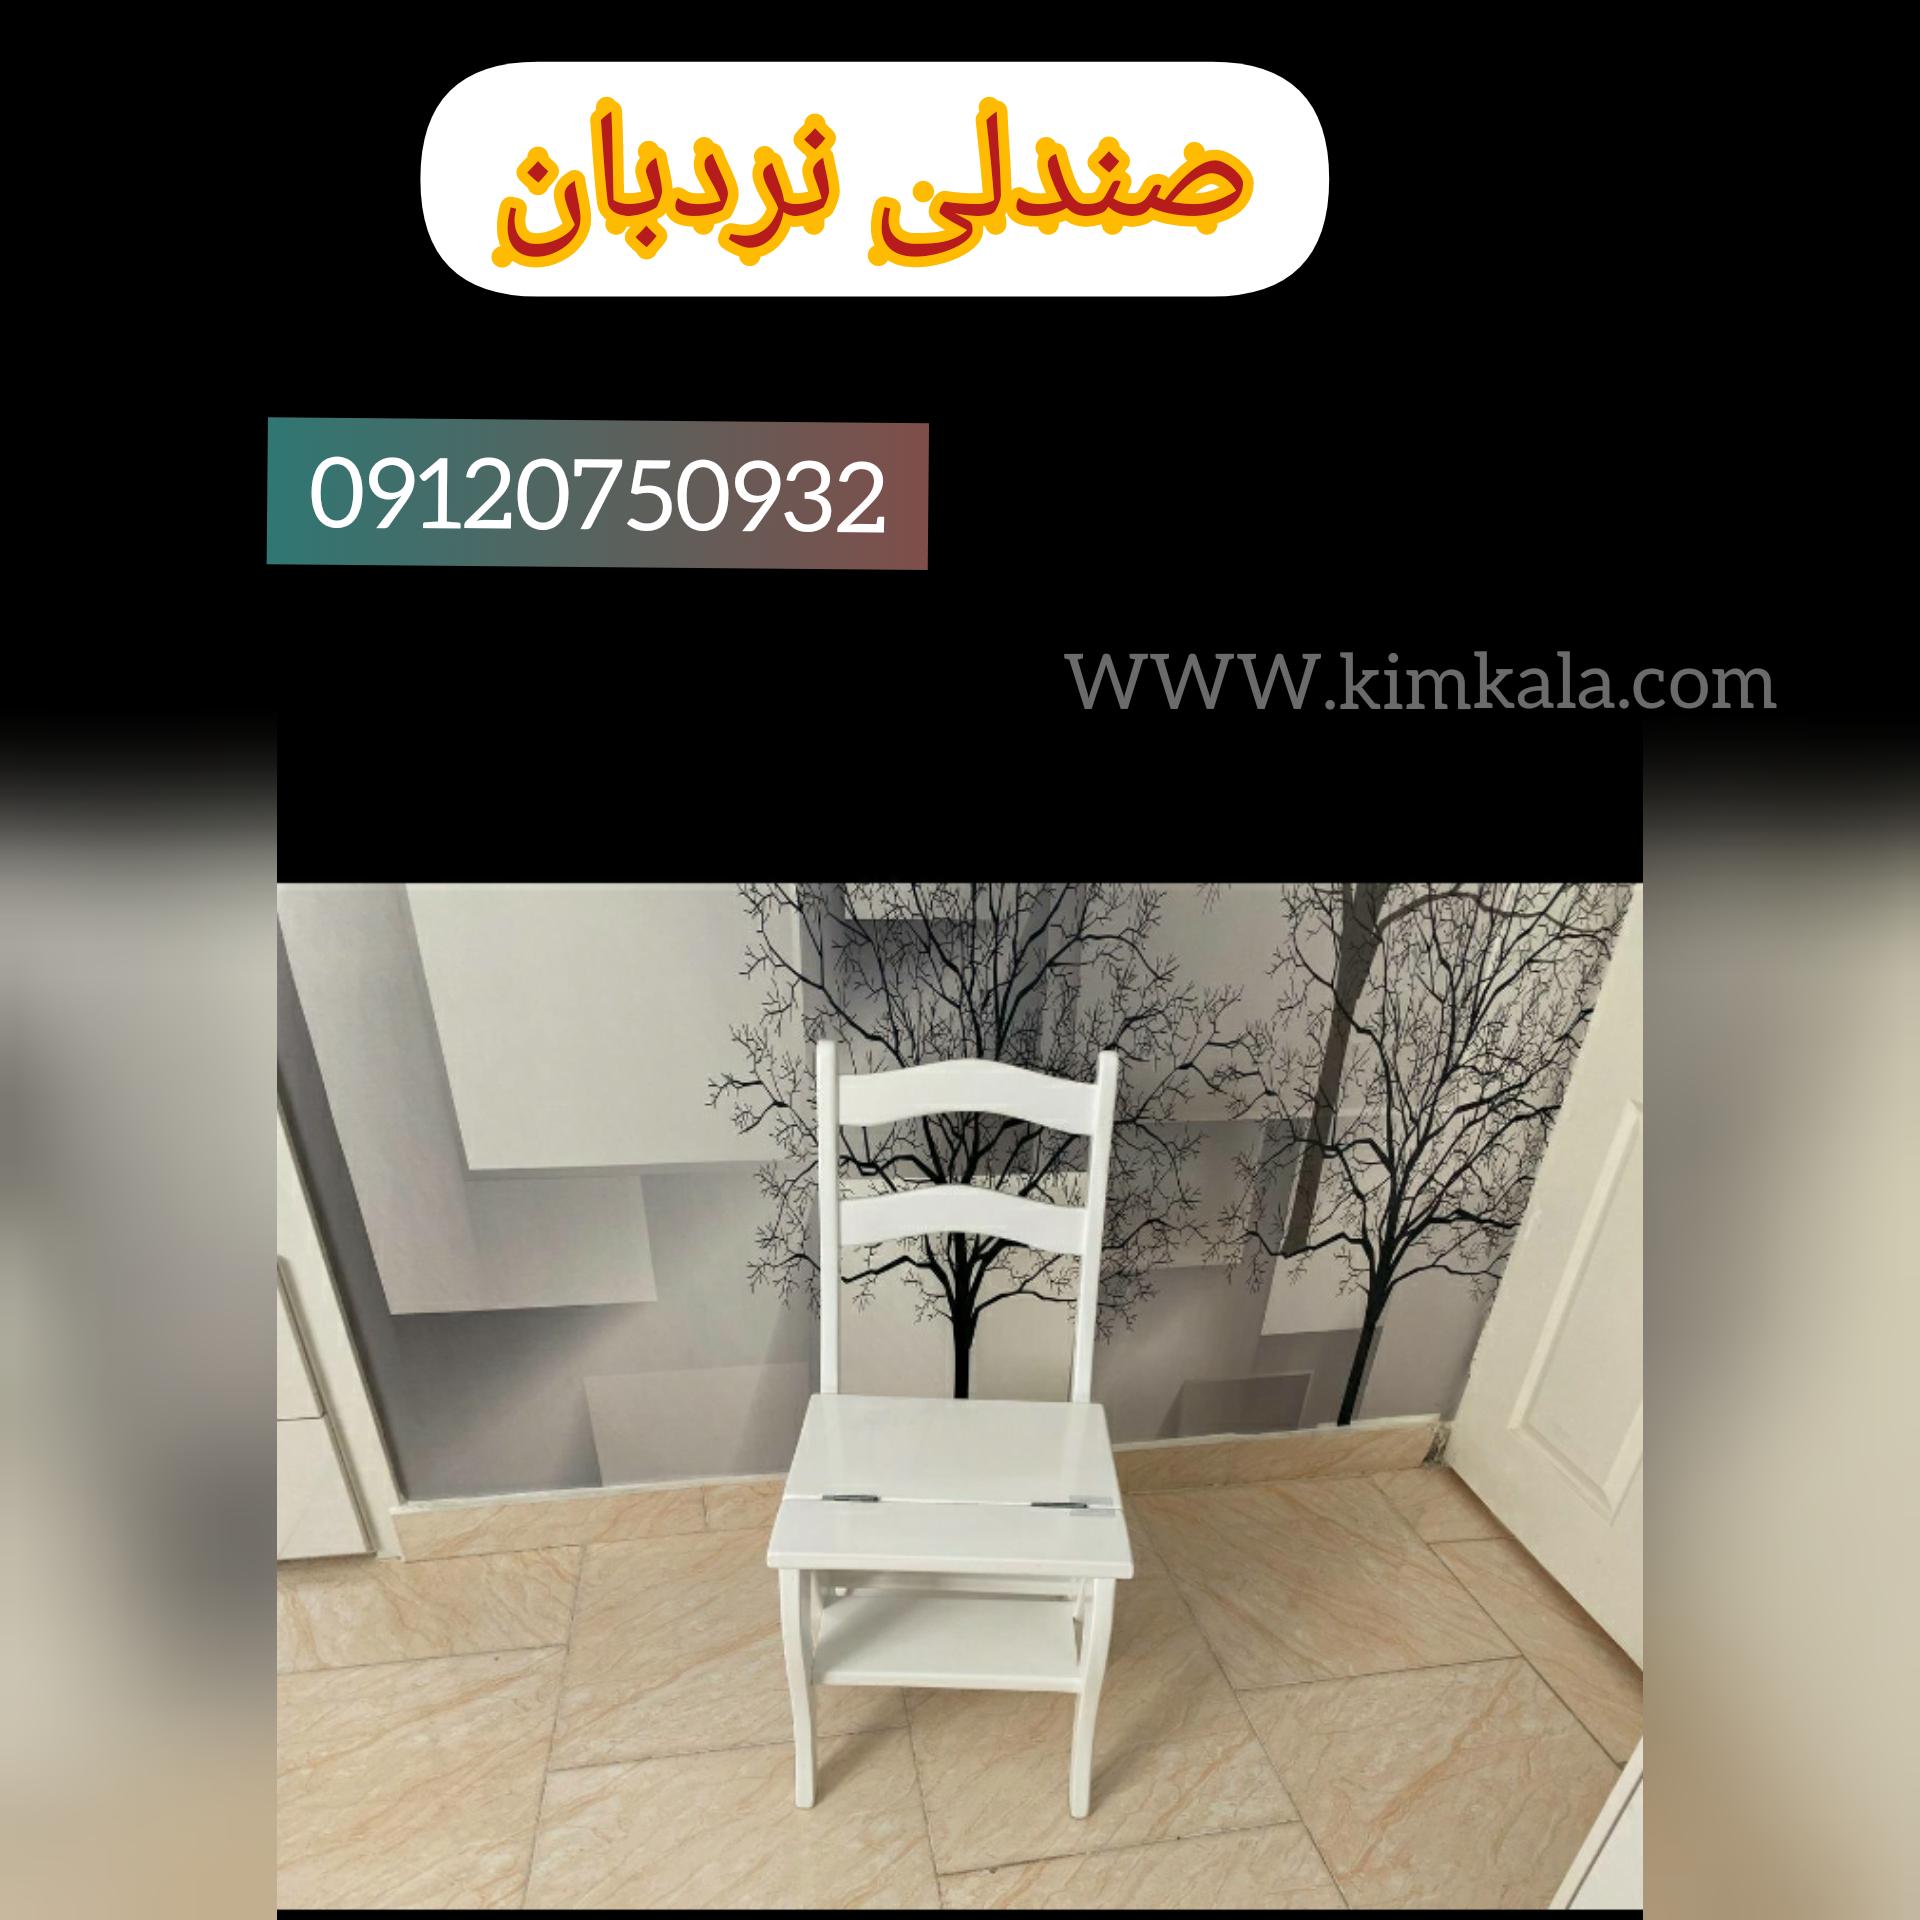 صندلی چند کاره/09120750932/قیمت صندلی